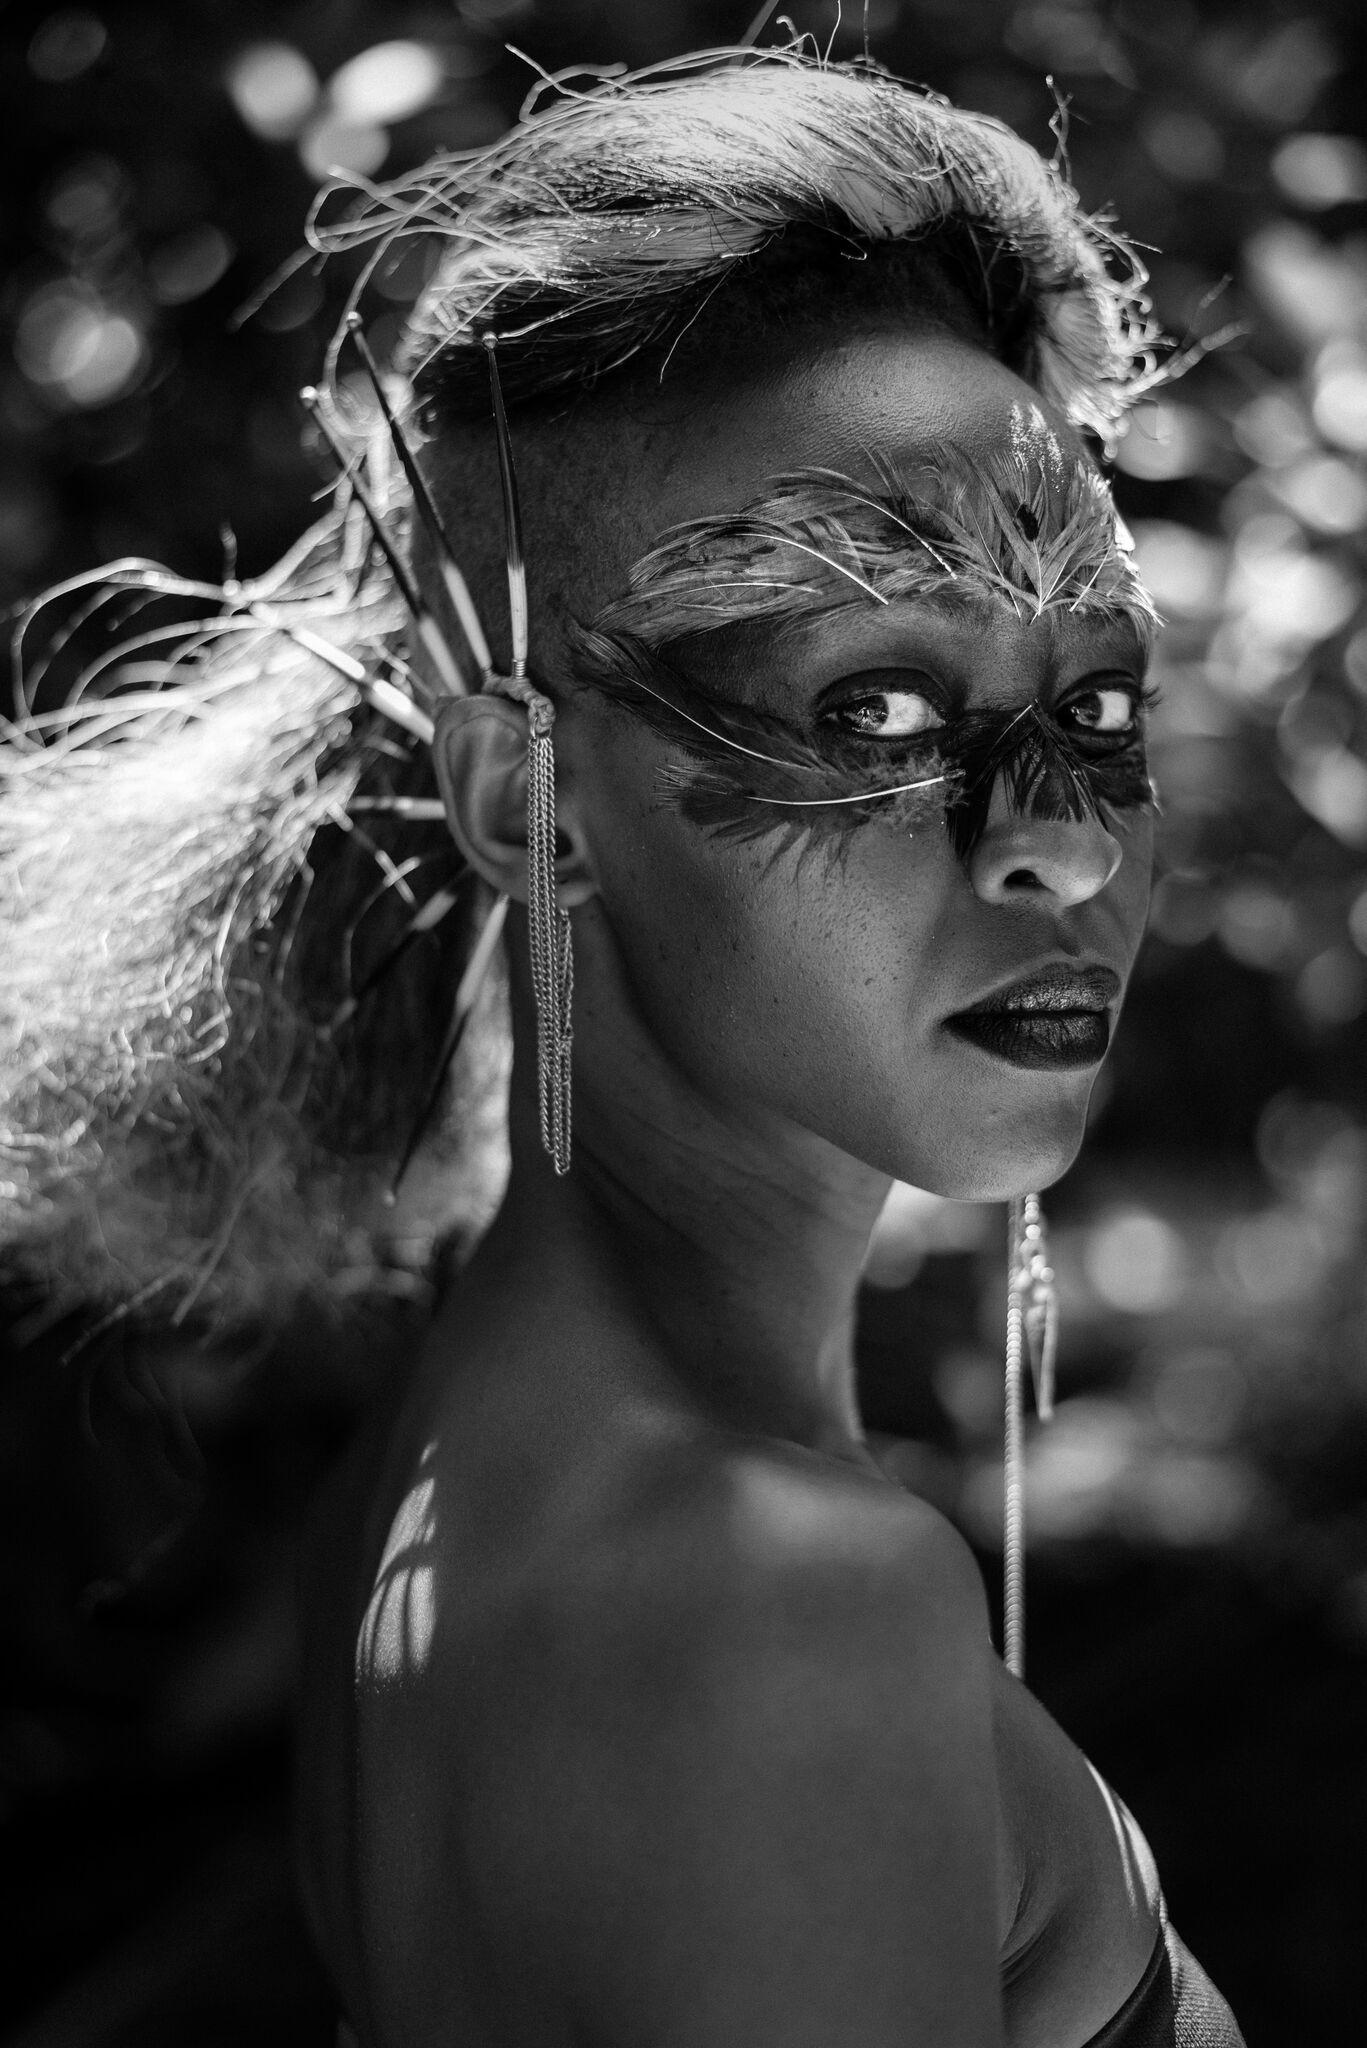 Ng'endo Mukii, 'Red Woman' still from 'Nairobi Berries', 2017. Image courtesy of Ng'endo Mukii